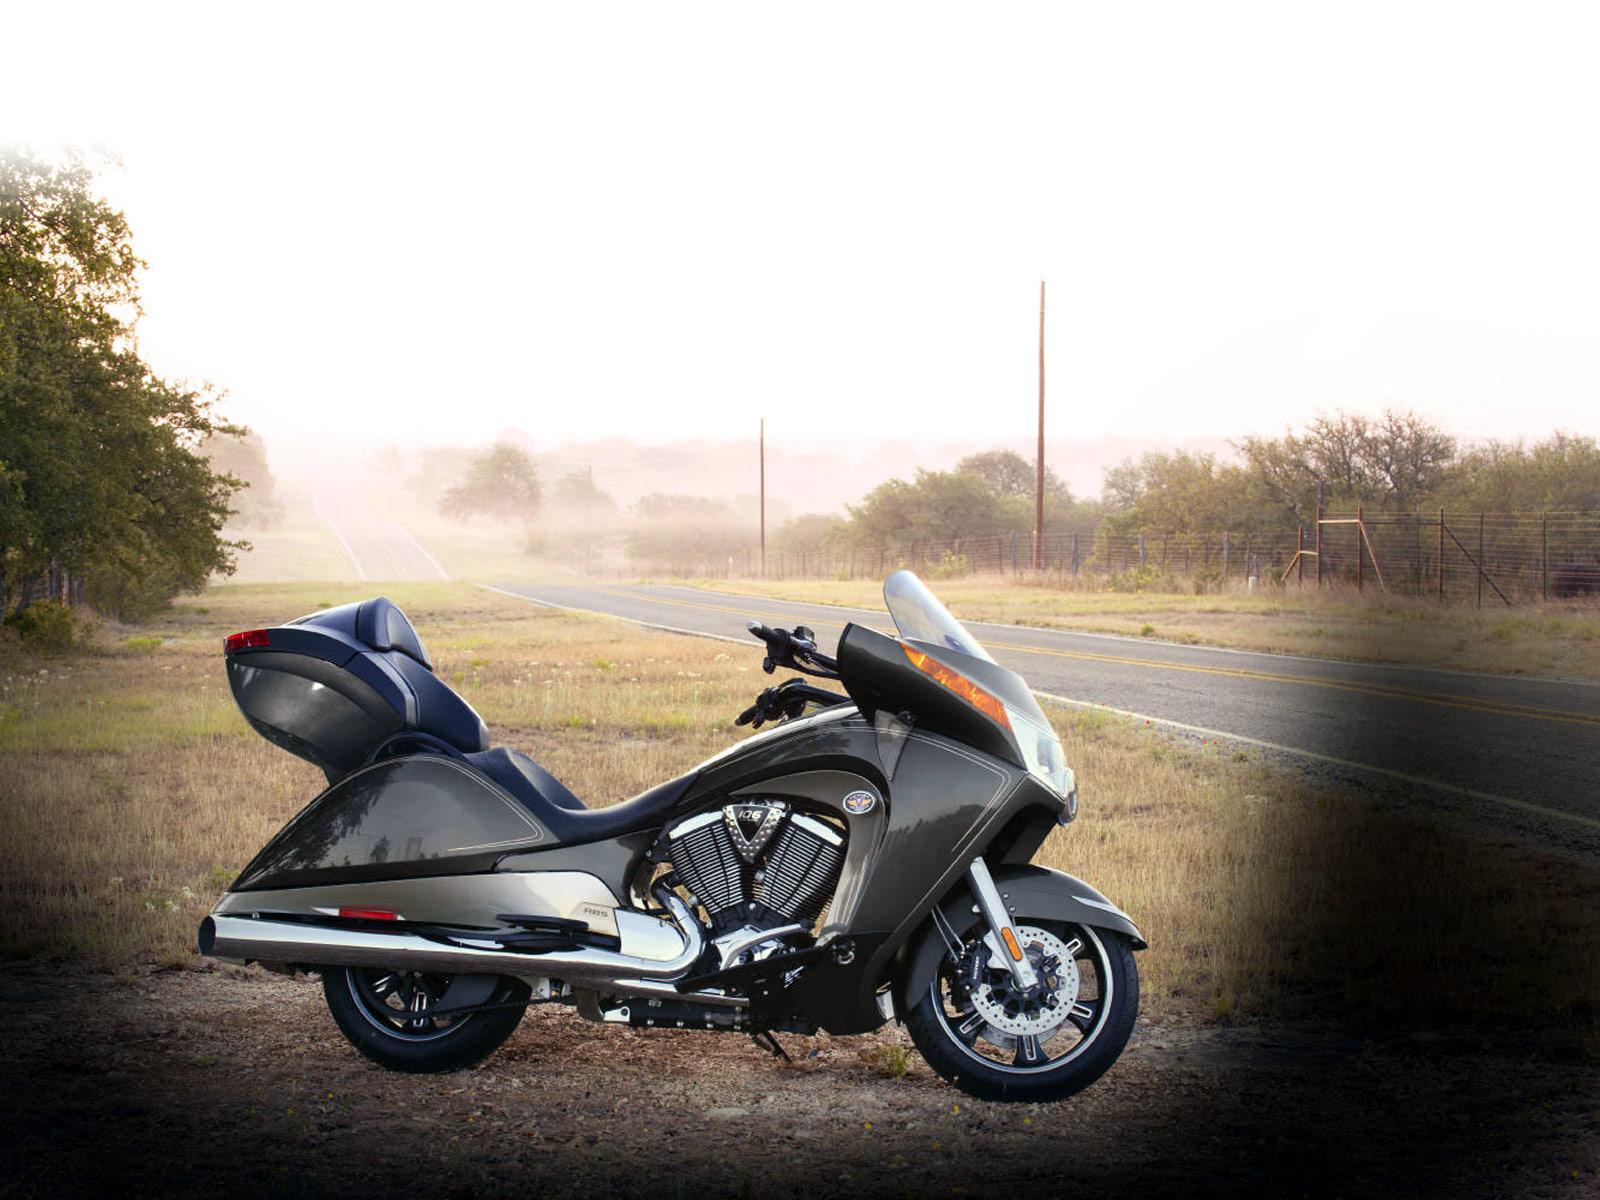 http://2.bp.blogspot.com/-igs42fOVX84/TwwBltEG3gI/AAAAAAAAGYs/ZbfaLxNalkc/s1600/2012_Victory-Vision-Tour_motorcycle-desktop-wallpaper_2.jpg